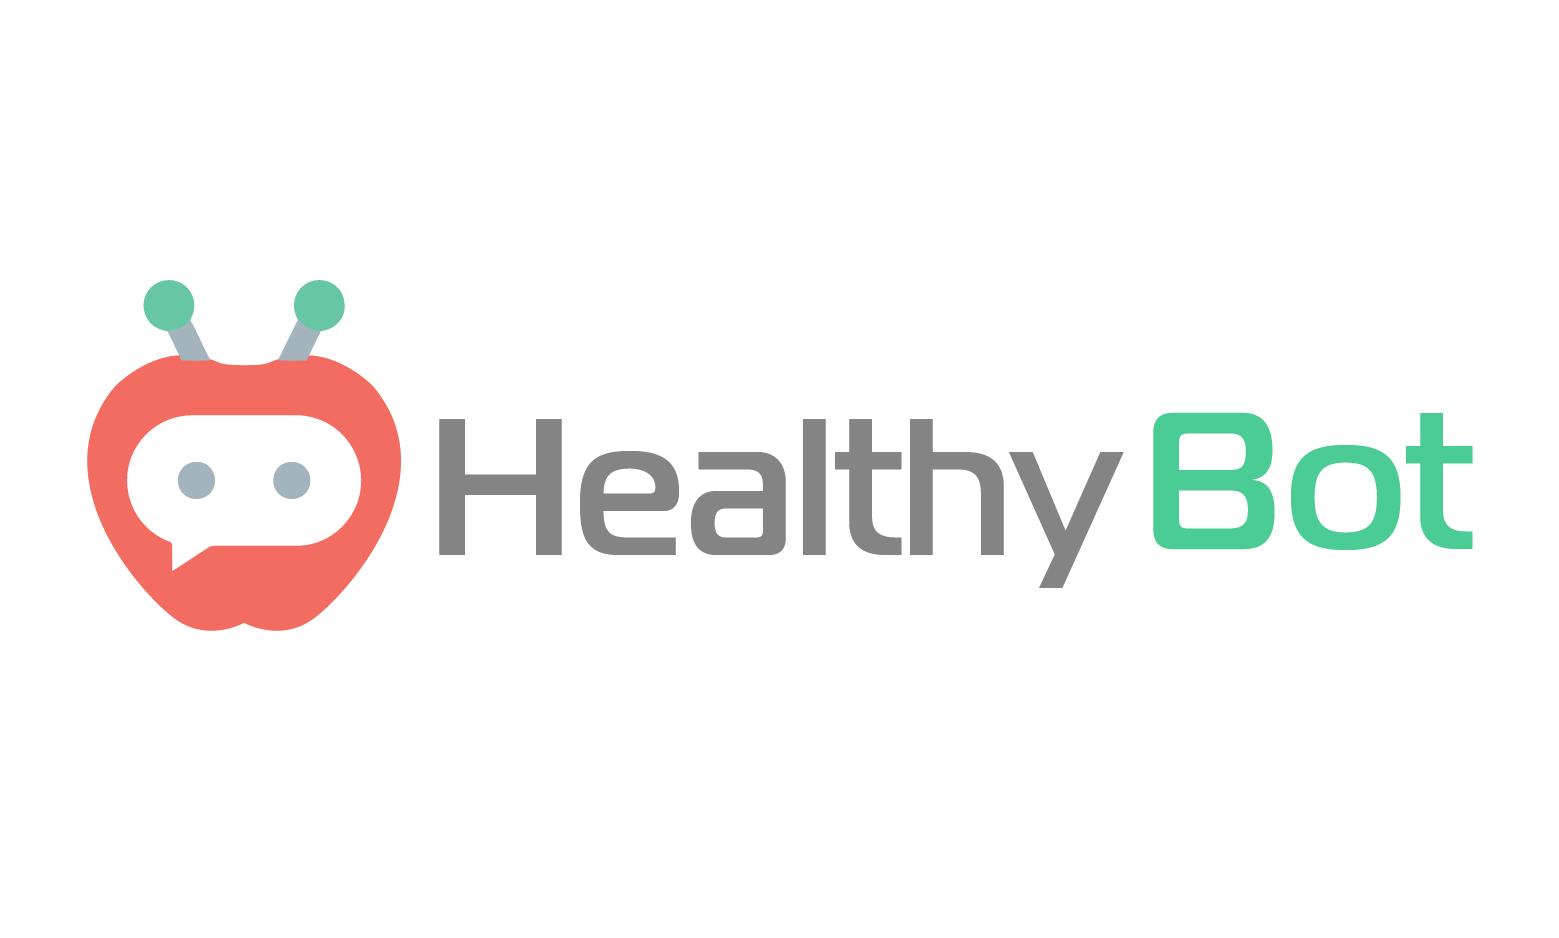 HealthyBot.com